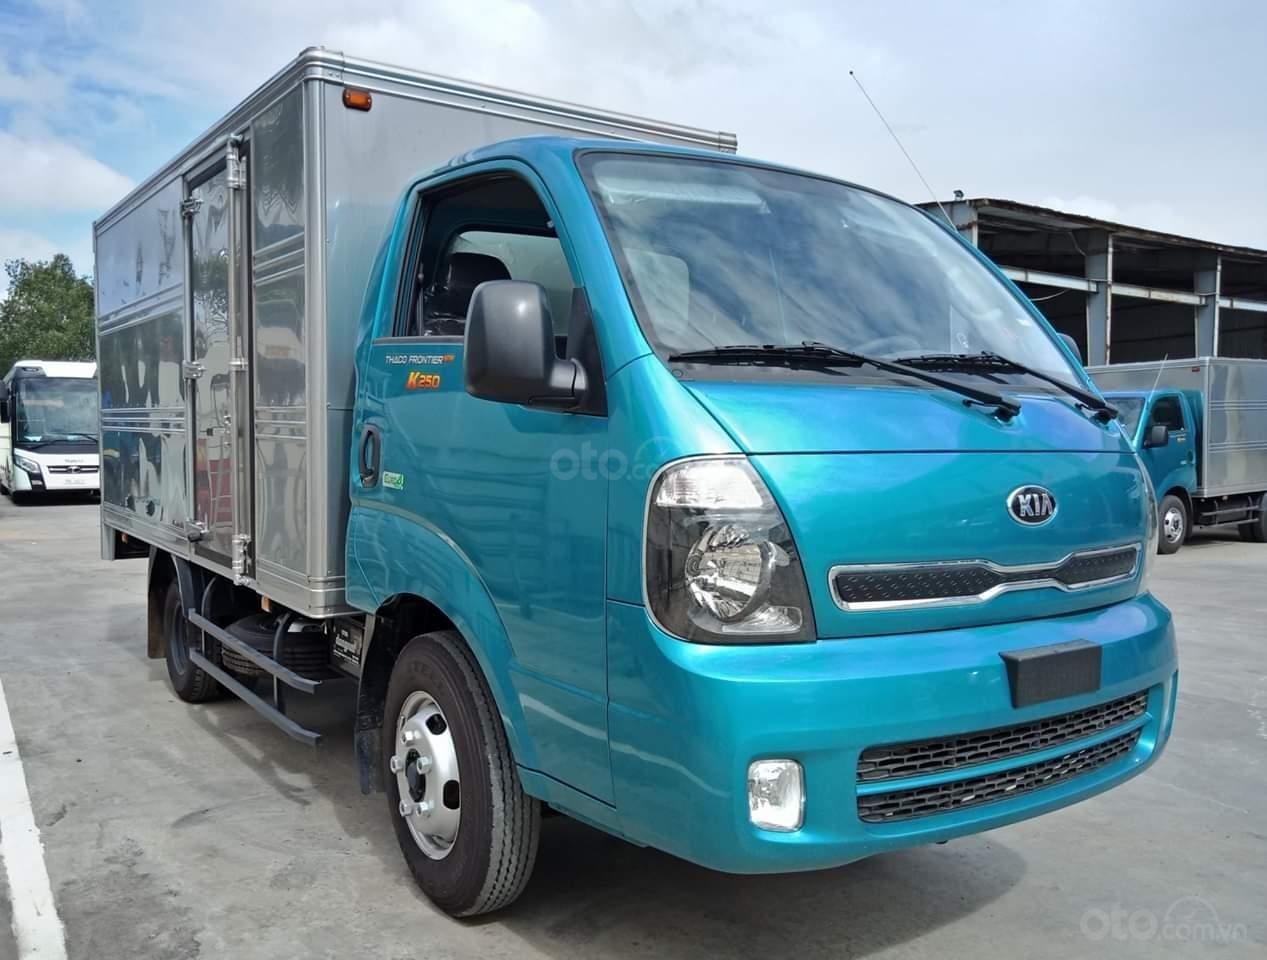 Bán xe tải trả góp Kia K250 máy Hyundai tải 2,49 tấn, có máy lạnh sẵn. Xe có lấy liền tại Thuận An - Bình Dương (1)